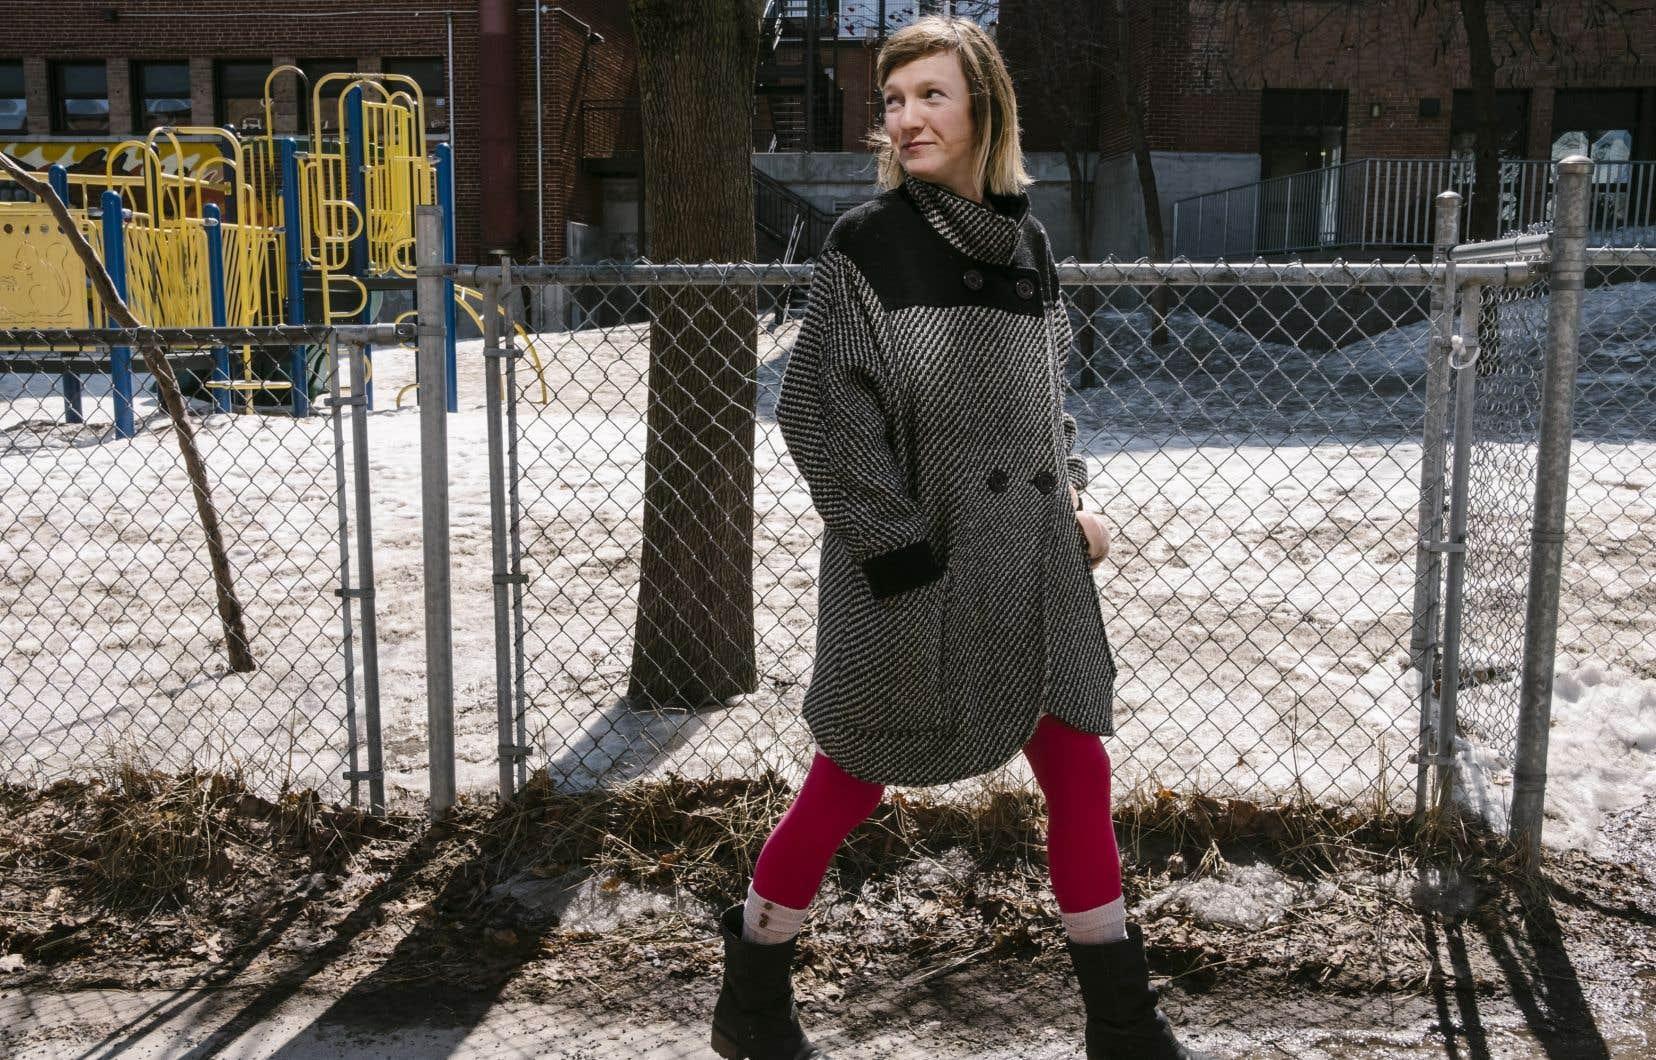 Le rassemblement virtuel de mardi se veut un mouvement de contestation du «contrôle des femmes par l'habillement» et de soutien à la députée de Québec solidaire Catherine Dorion.